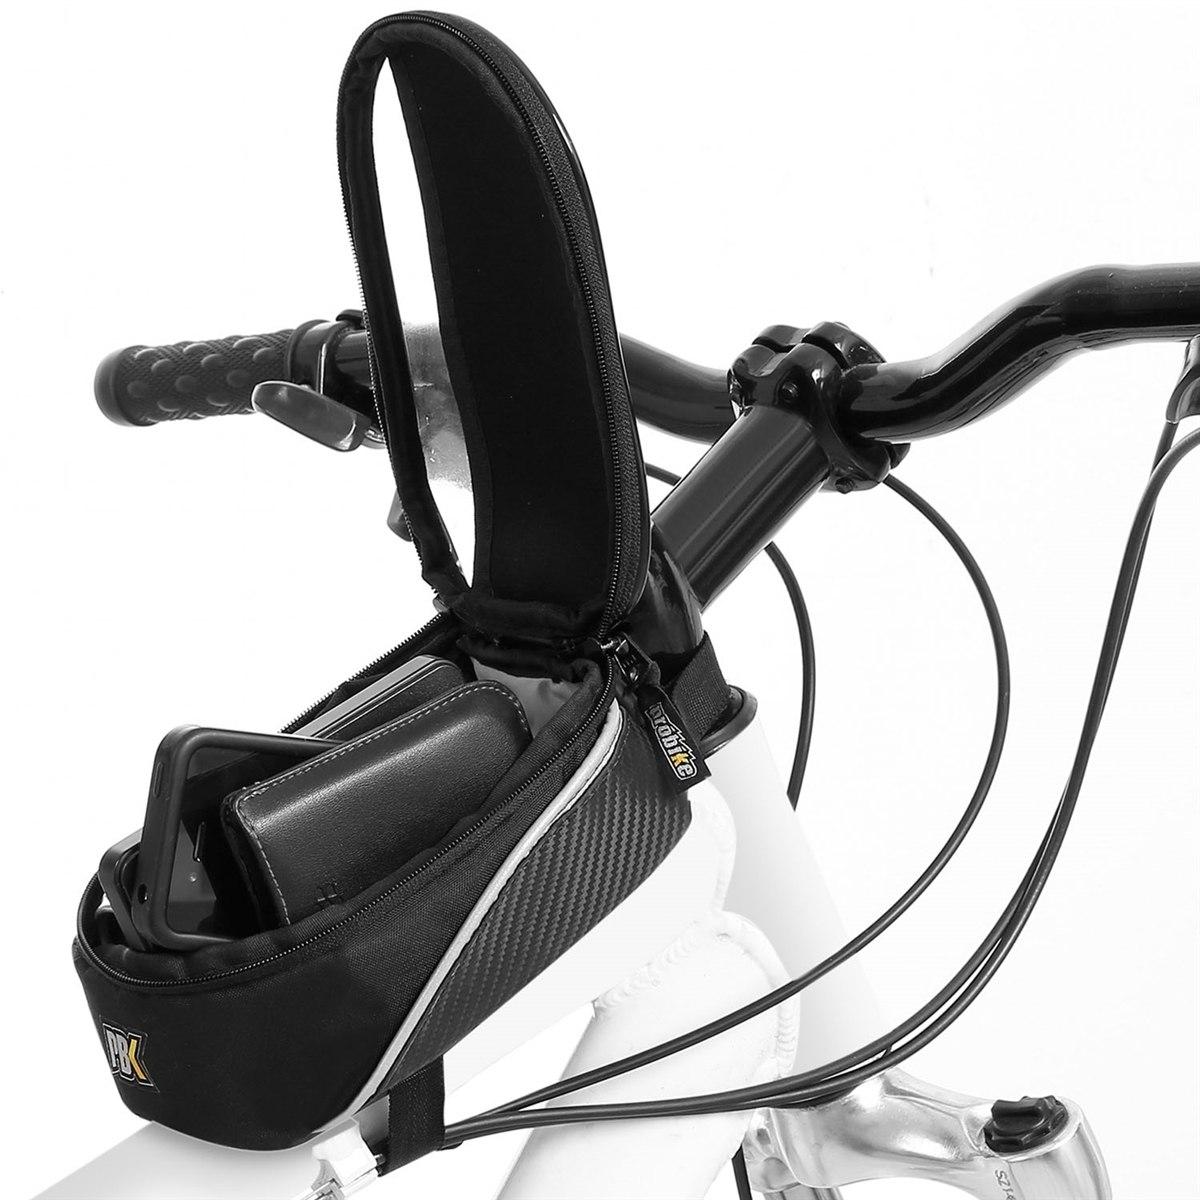 Bolsa de Quadro para Celular 5 Polegadas Pró Bike